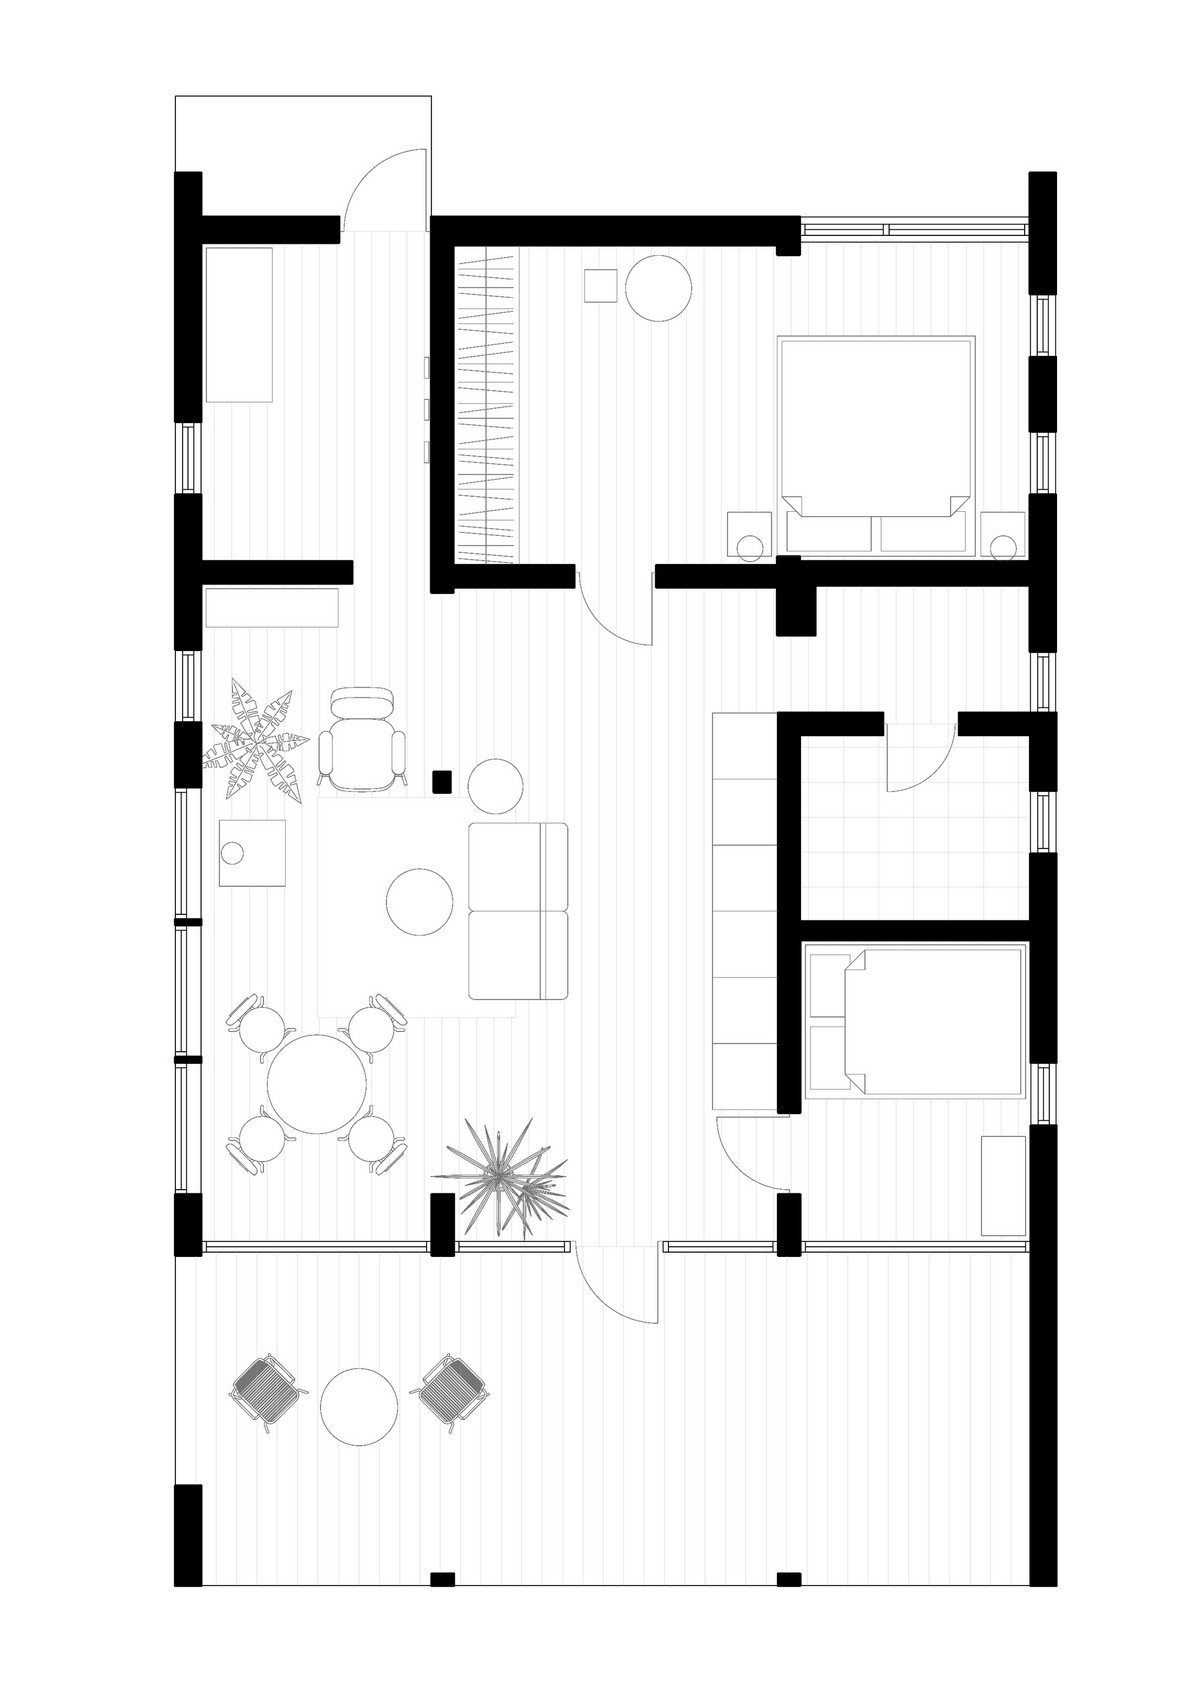 Модульный дом с дизайнерским интерьером под Санкт-Петербургом